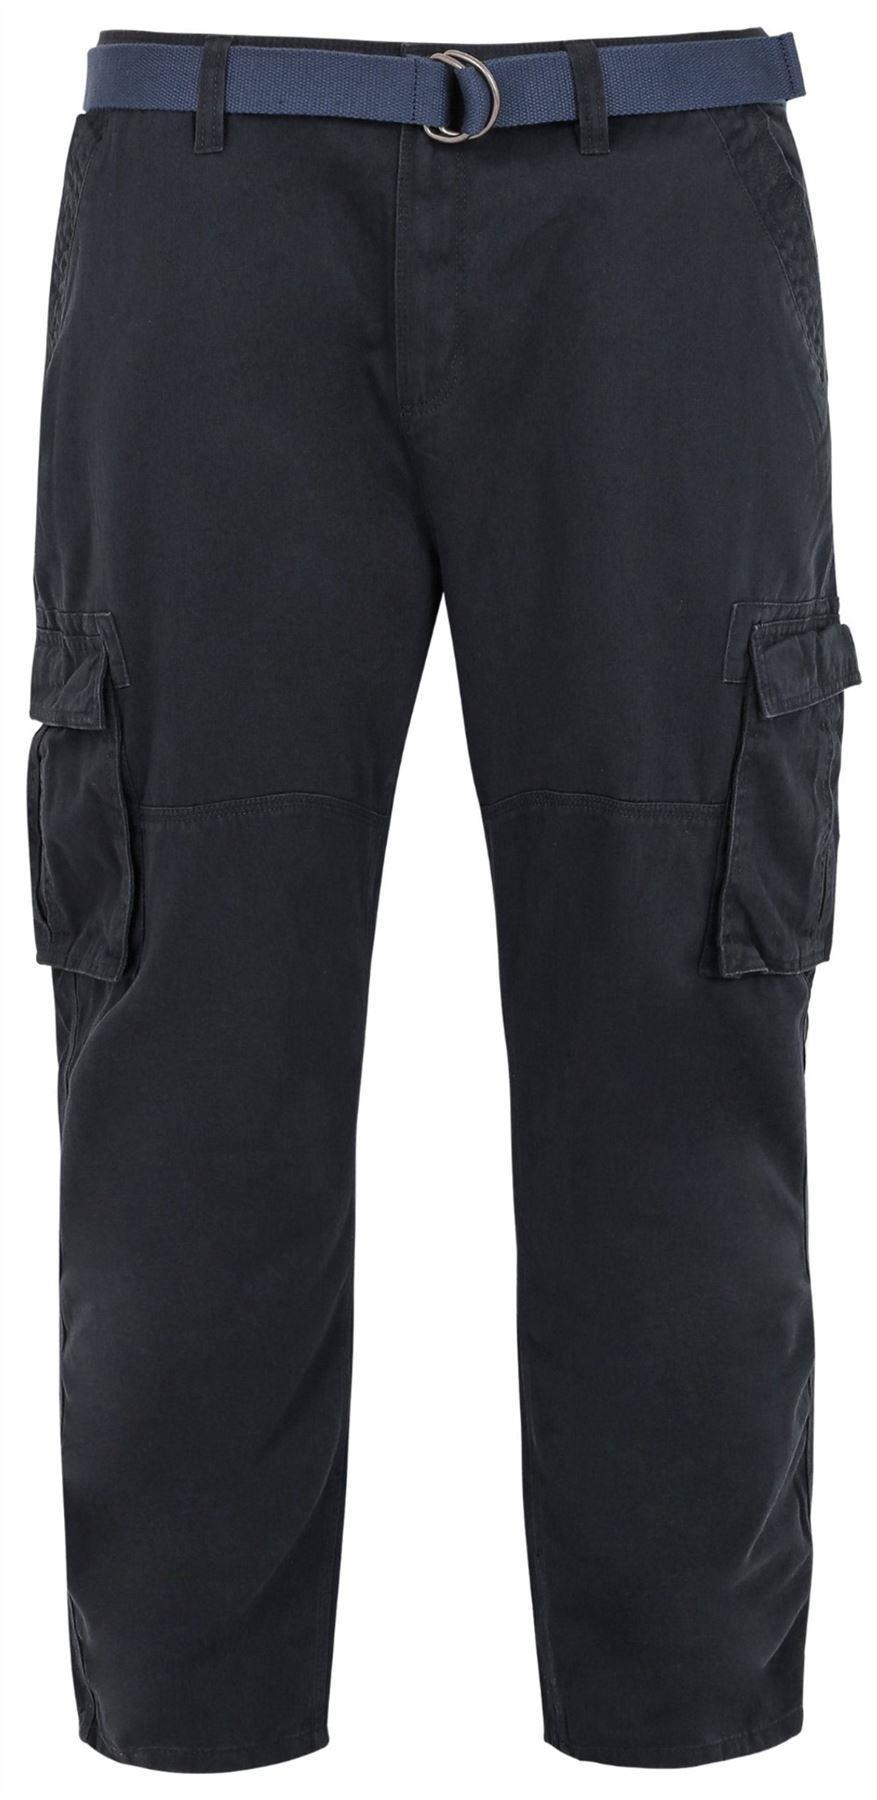 Bad Rhino Cargo Trousers - Navy|56W30L